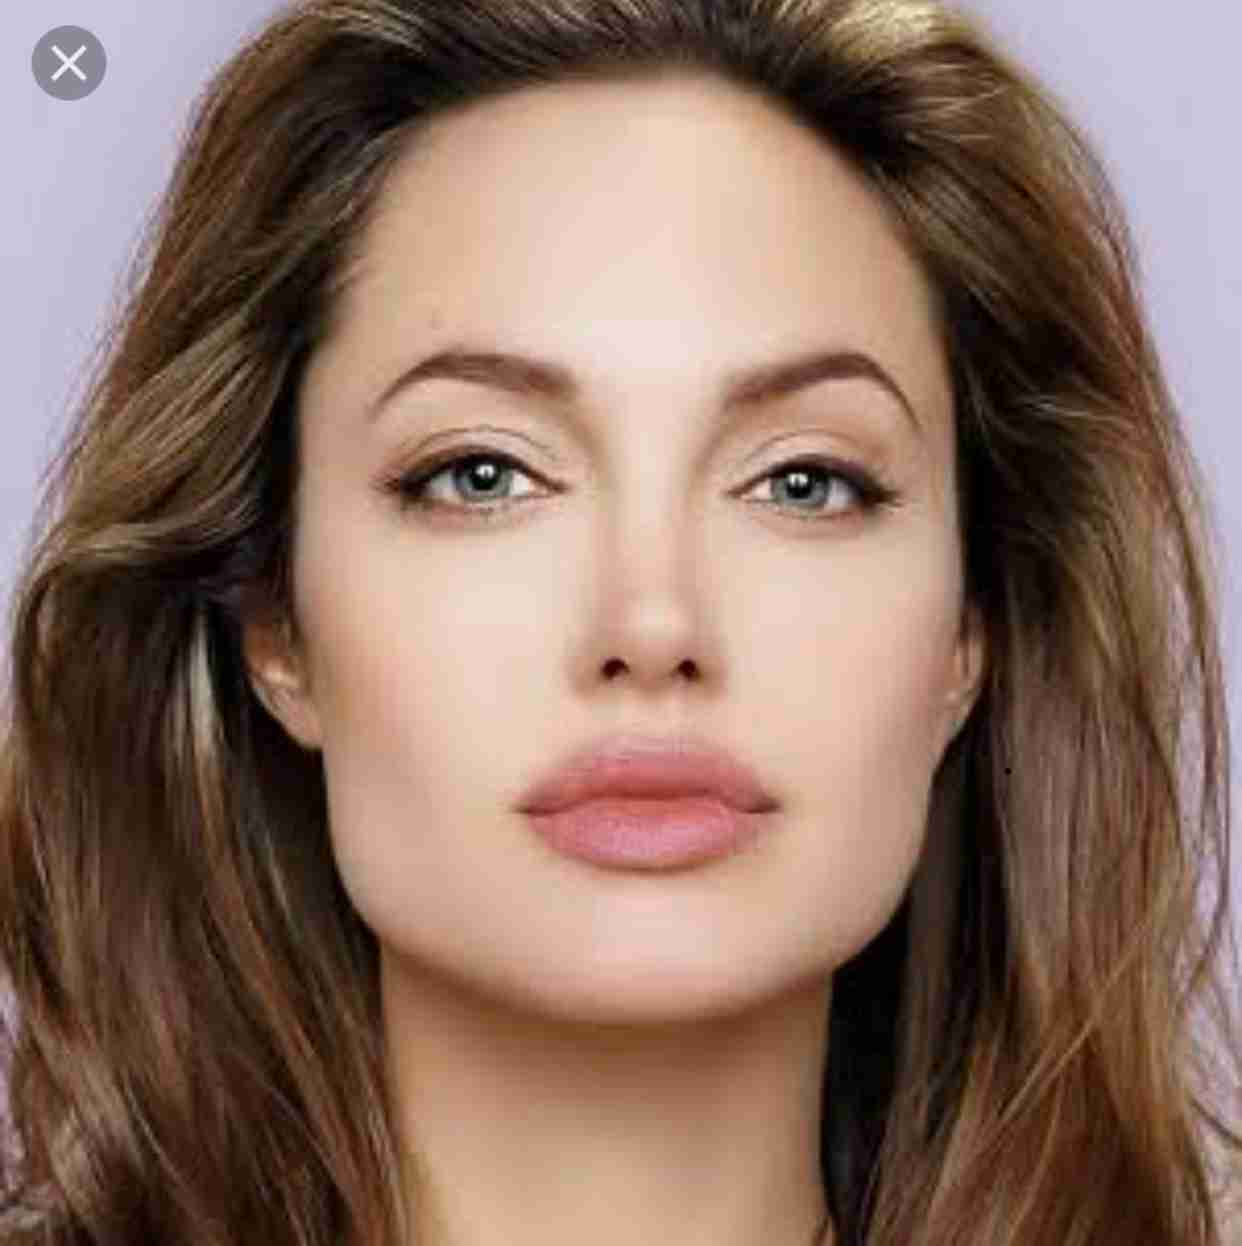 美人は目と眉の距離が狭い人が多い?